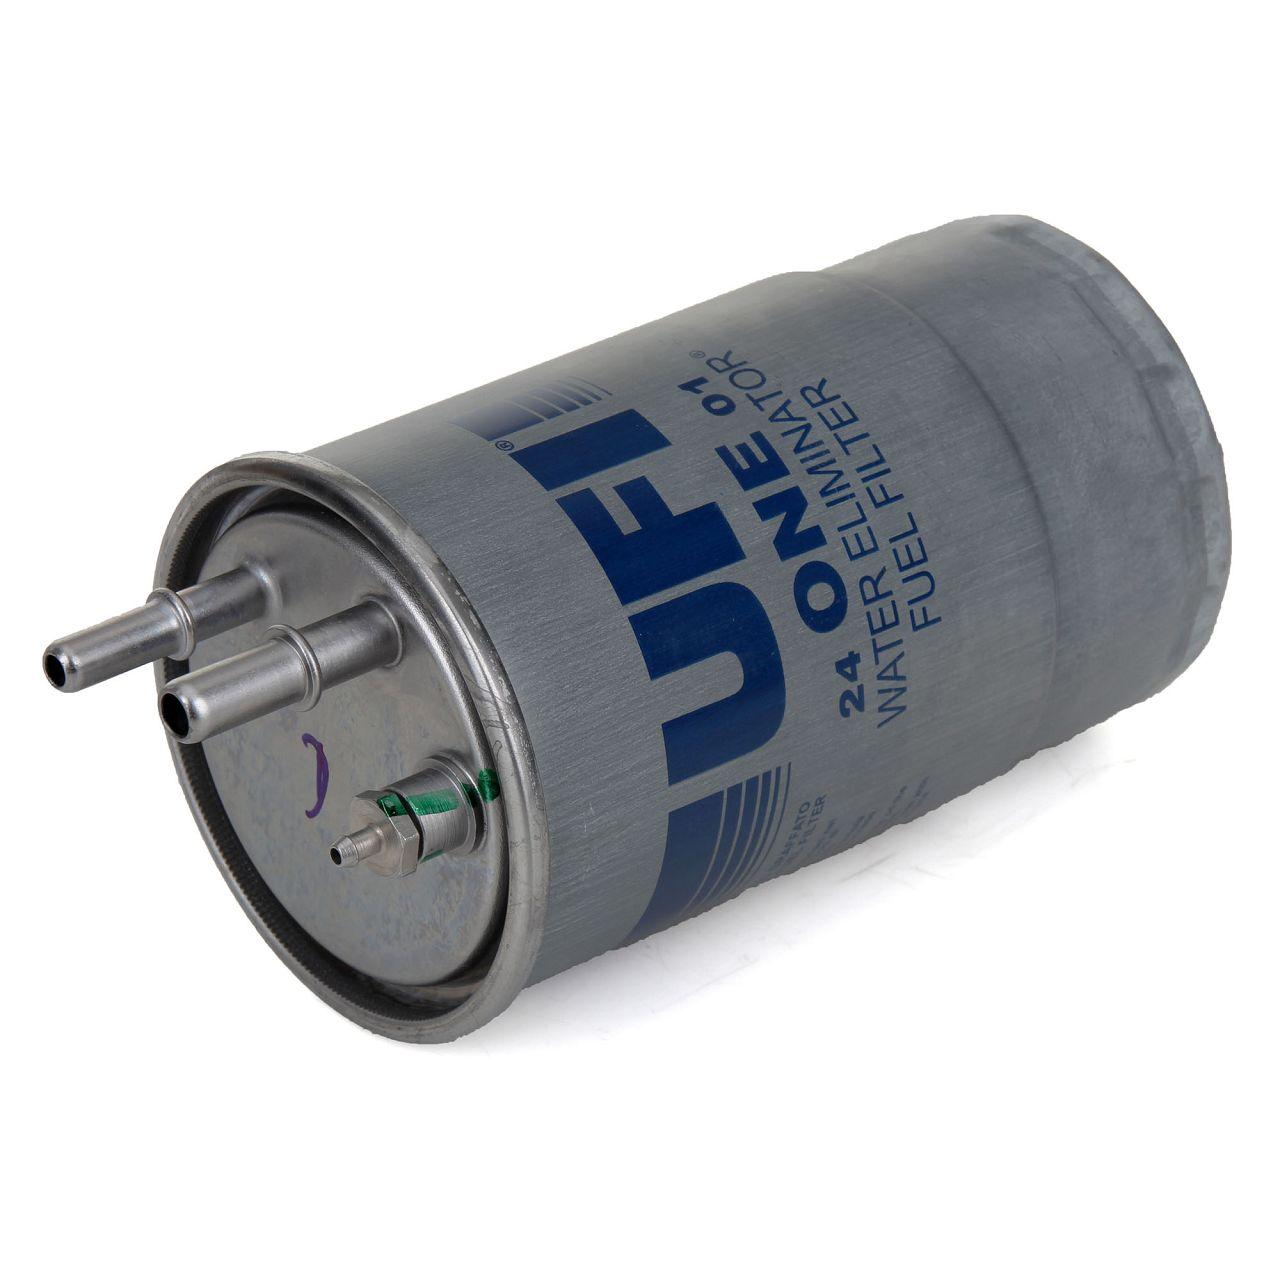 Inspektionskit 4-tlg FIAT 500 / C (312) 1.3 D Multijet 95 PS ab 09.2011 mit Klima